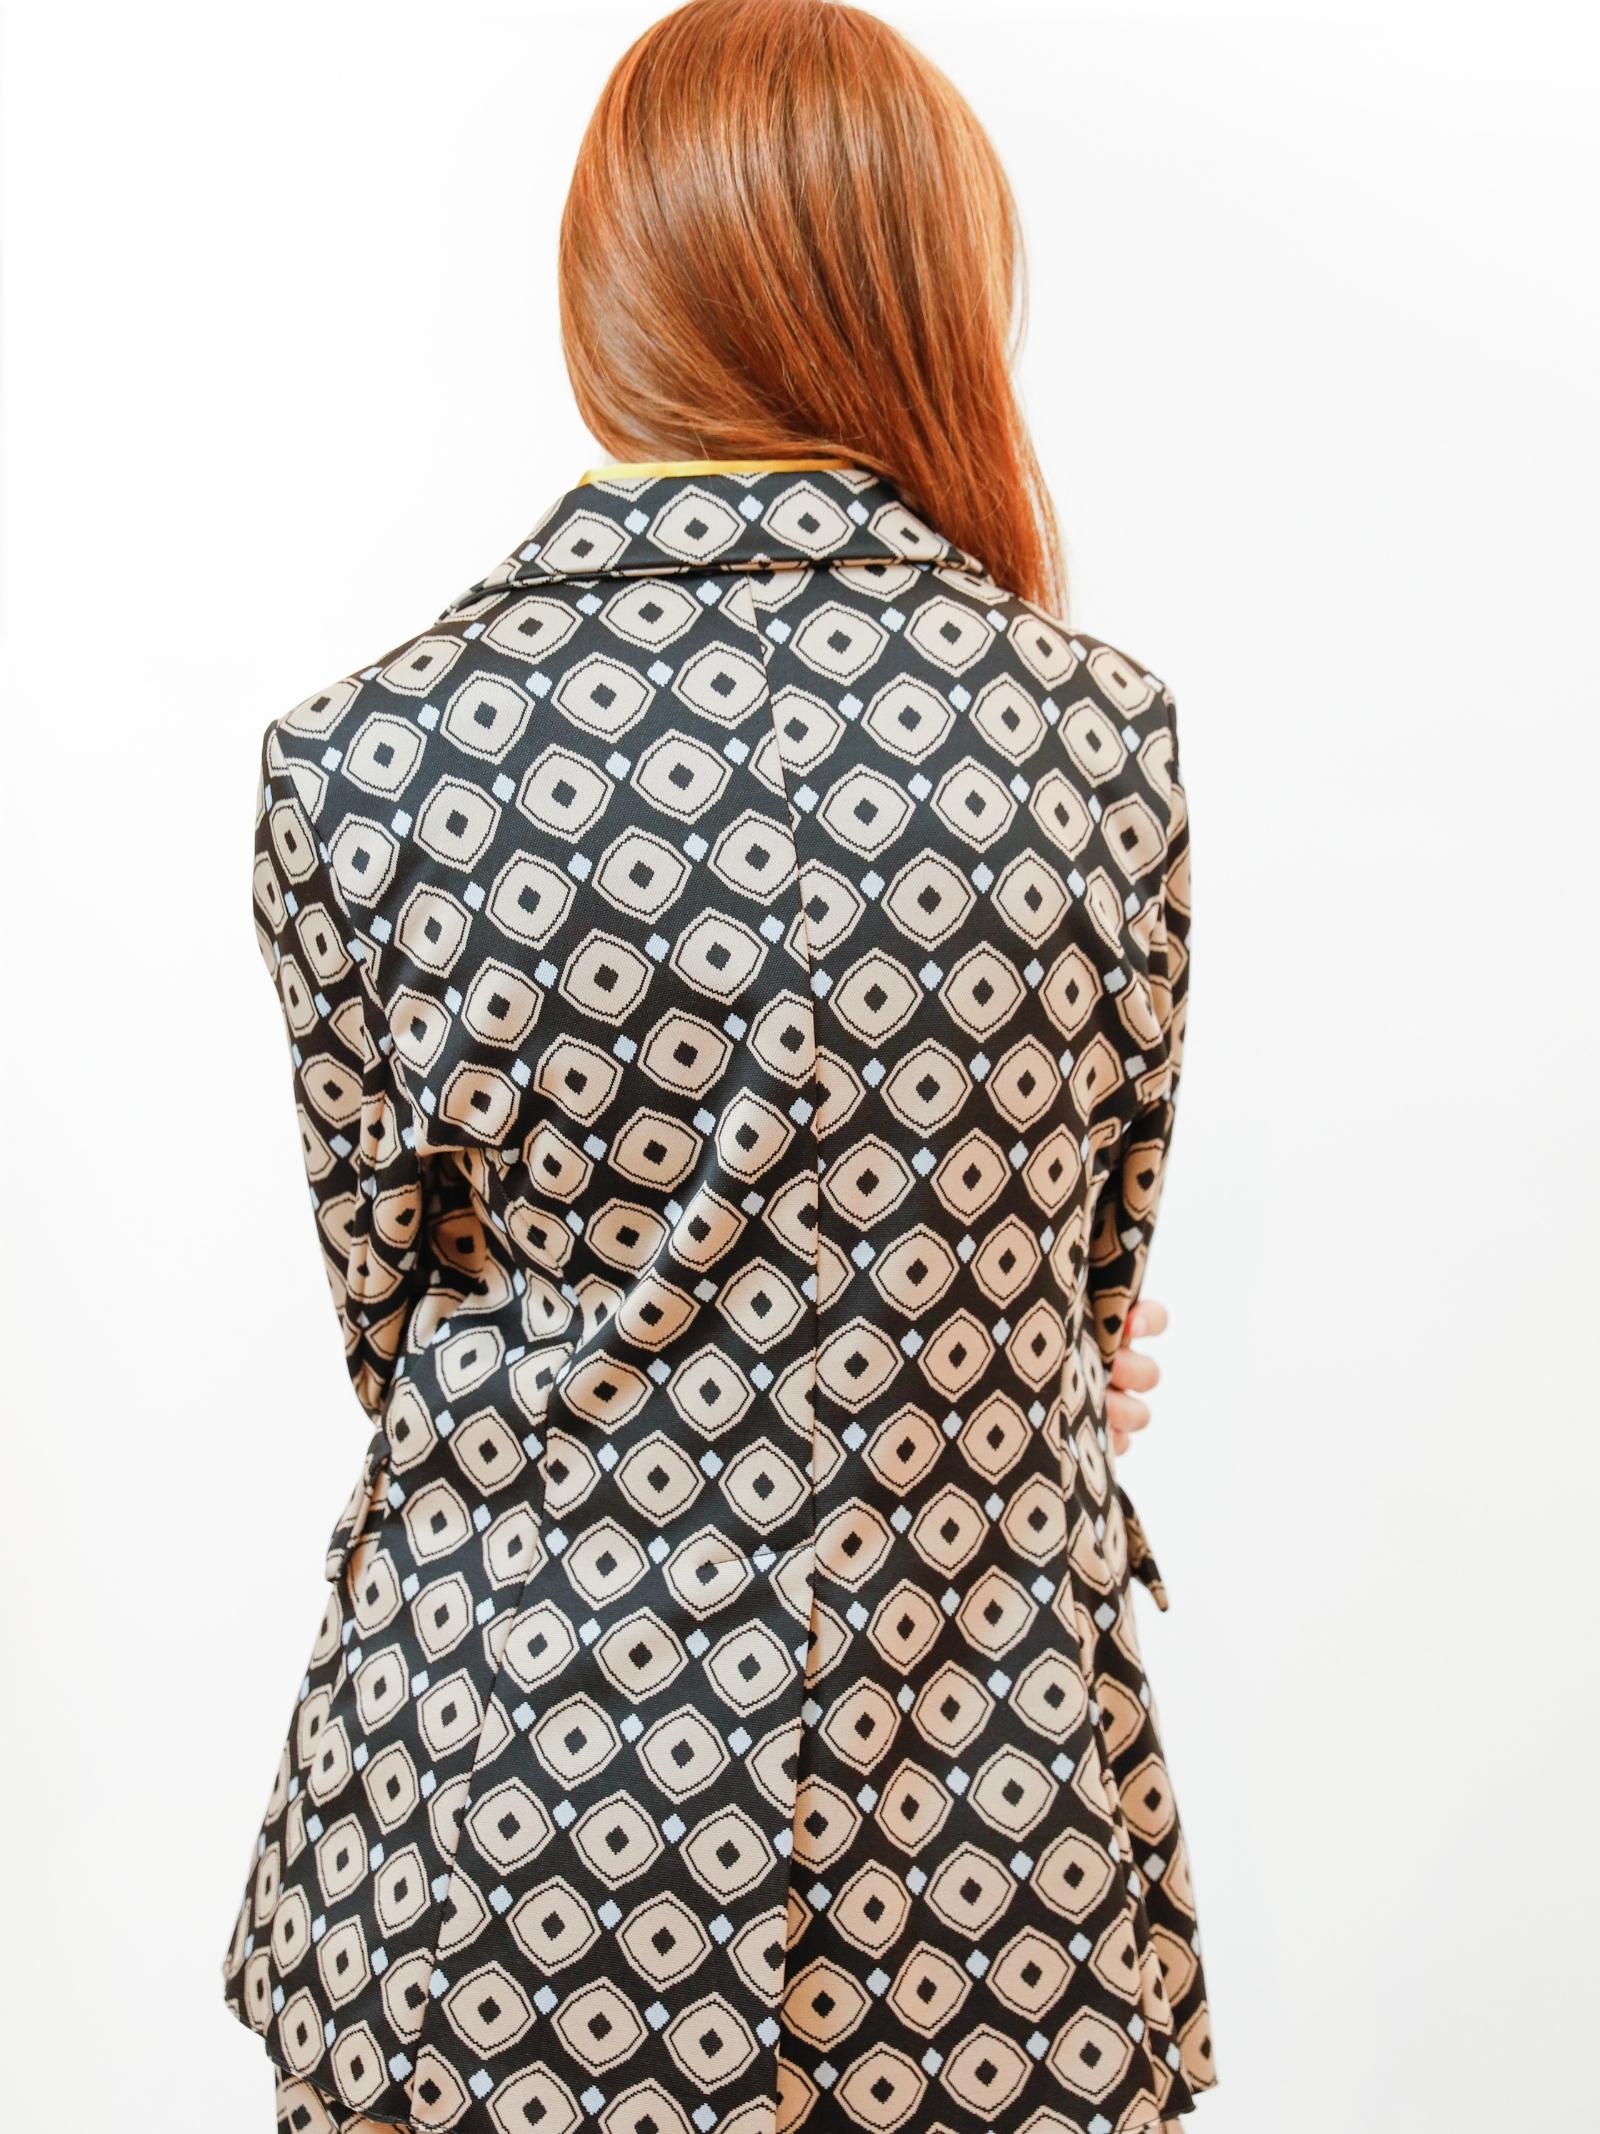 Abbigliamento Donna Giacca Monopetto Archizoom in Jacquard Stretch Nero a Fantasia Maliparmi   Giacche e giubbini   JD638060050B2027